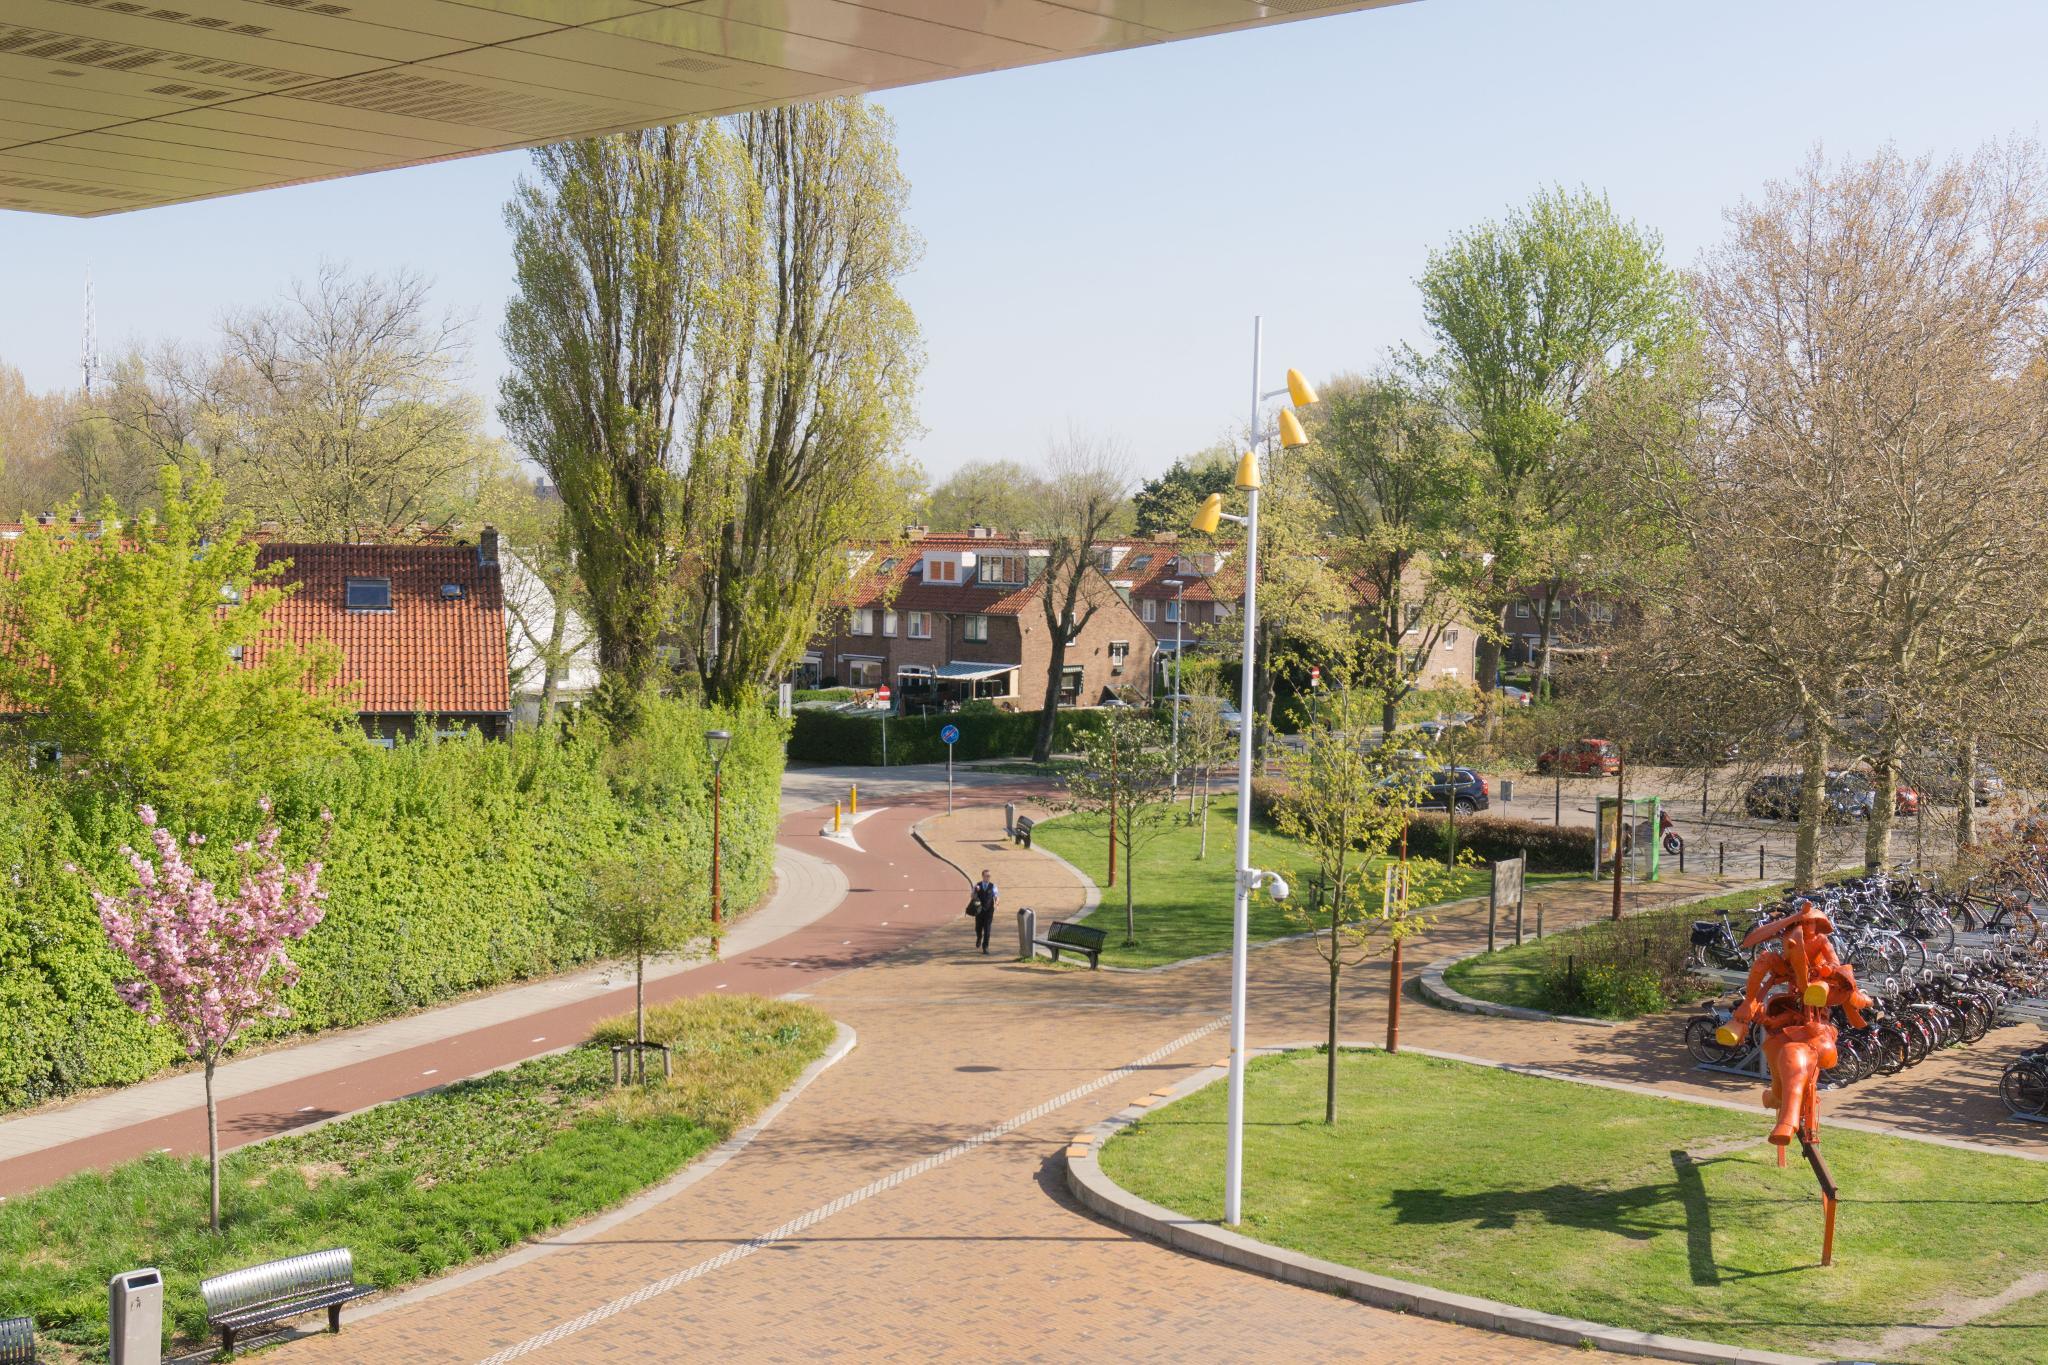 【荷蘭印象】體驗道地的荷式風情 — Alkmaar 起司市集 散步路線整理 10